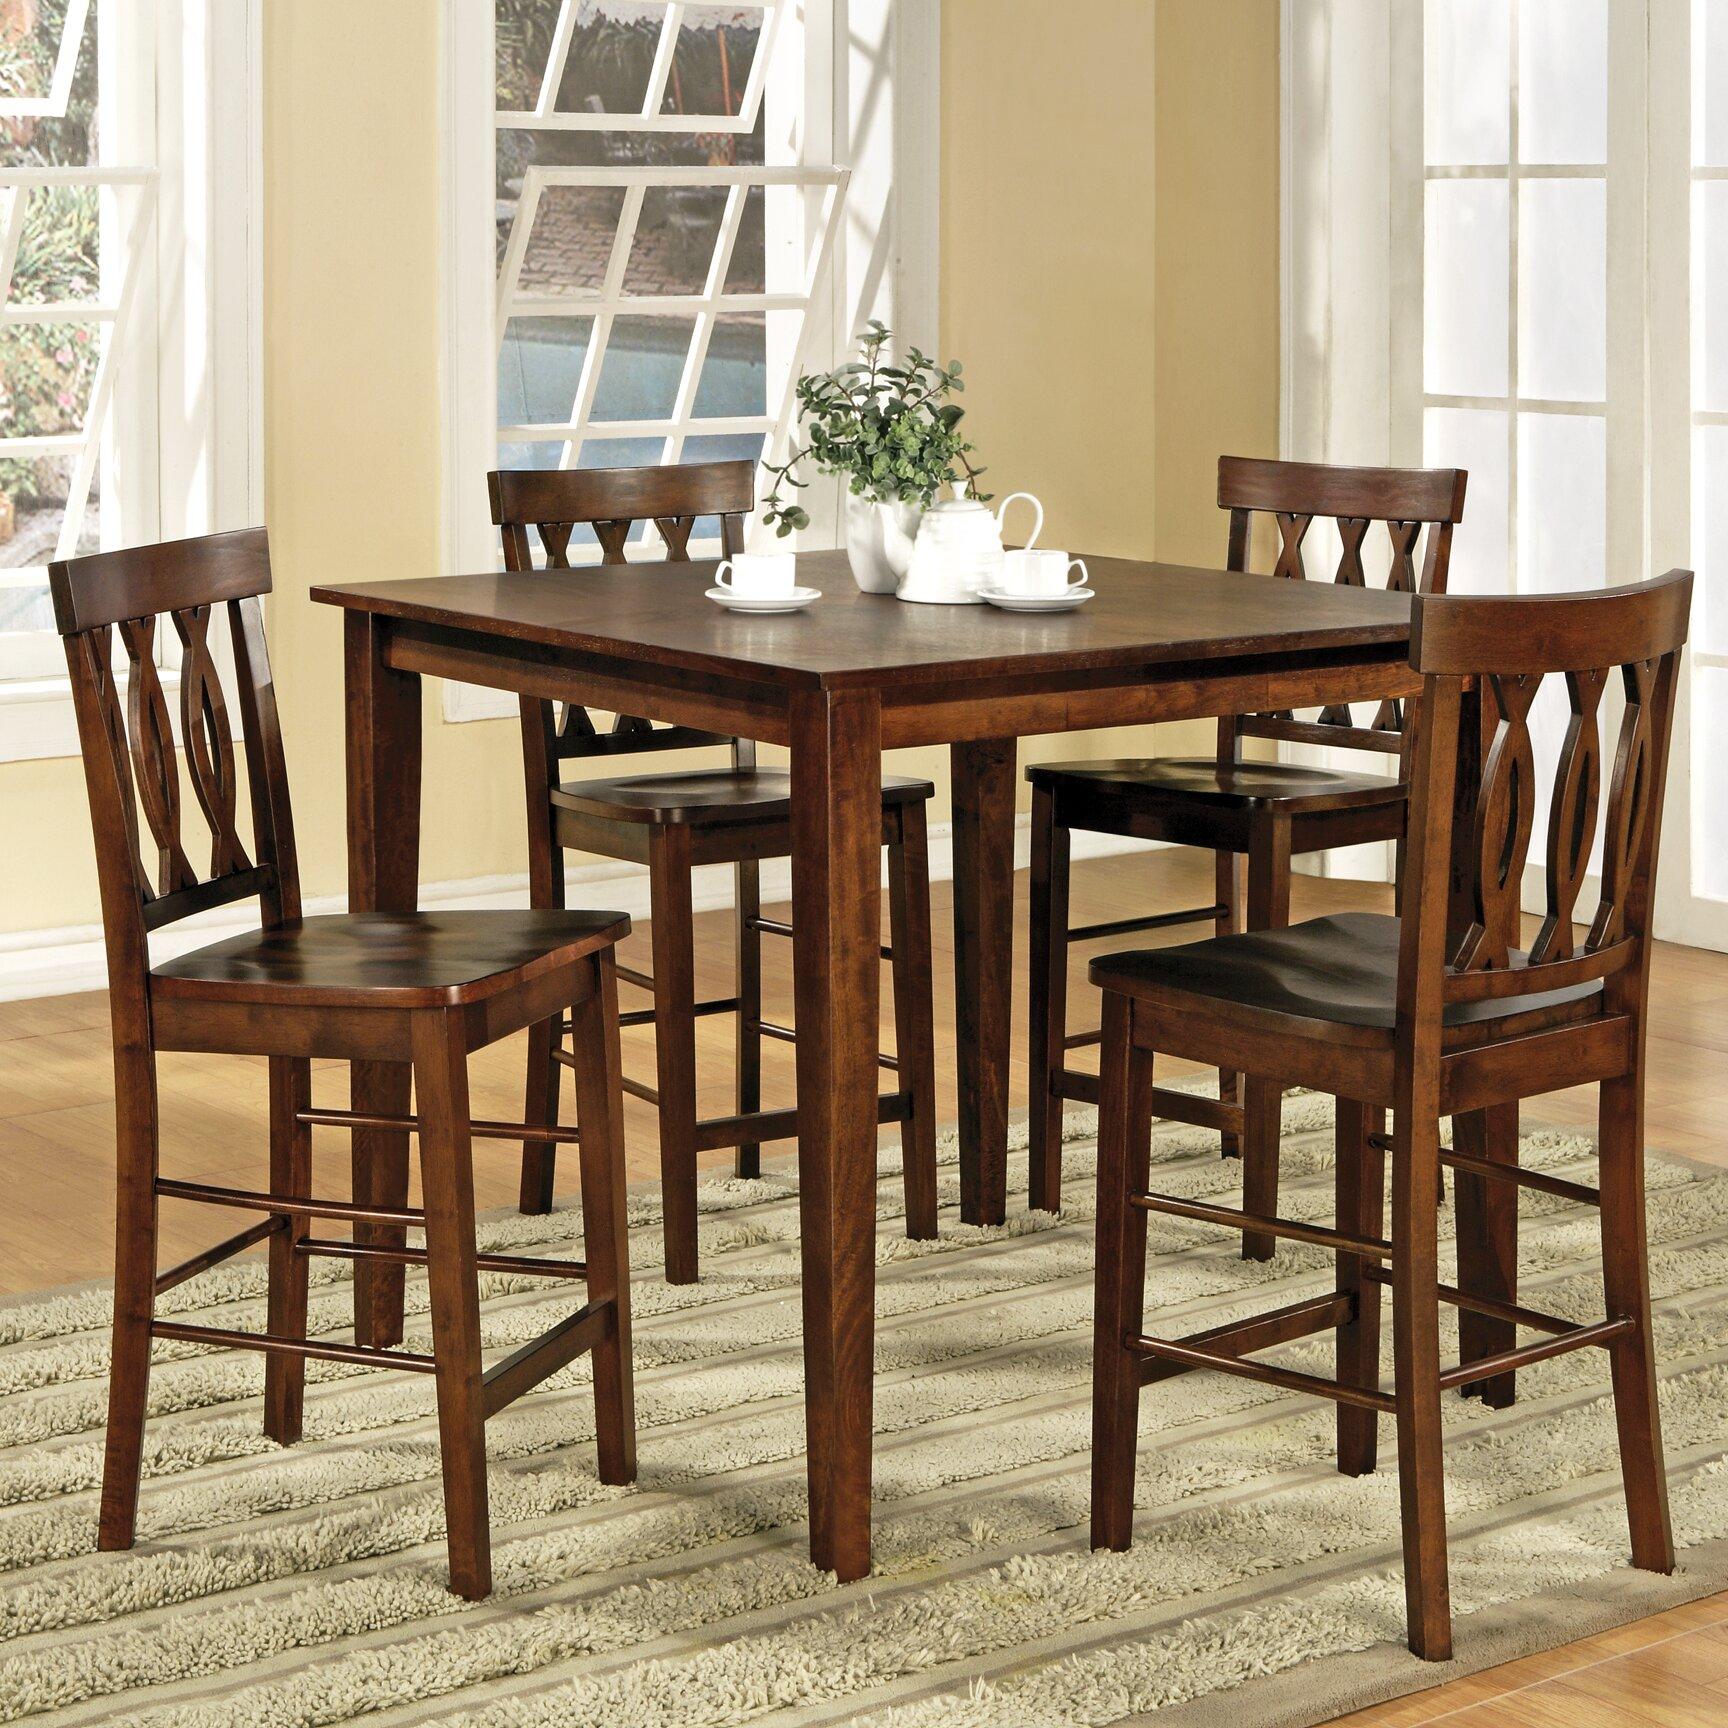 Steve Silver Furniture Richmond 5 Piece Counter Height Dining Set Reviews Wayfair